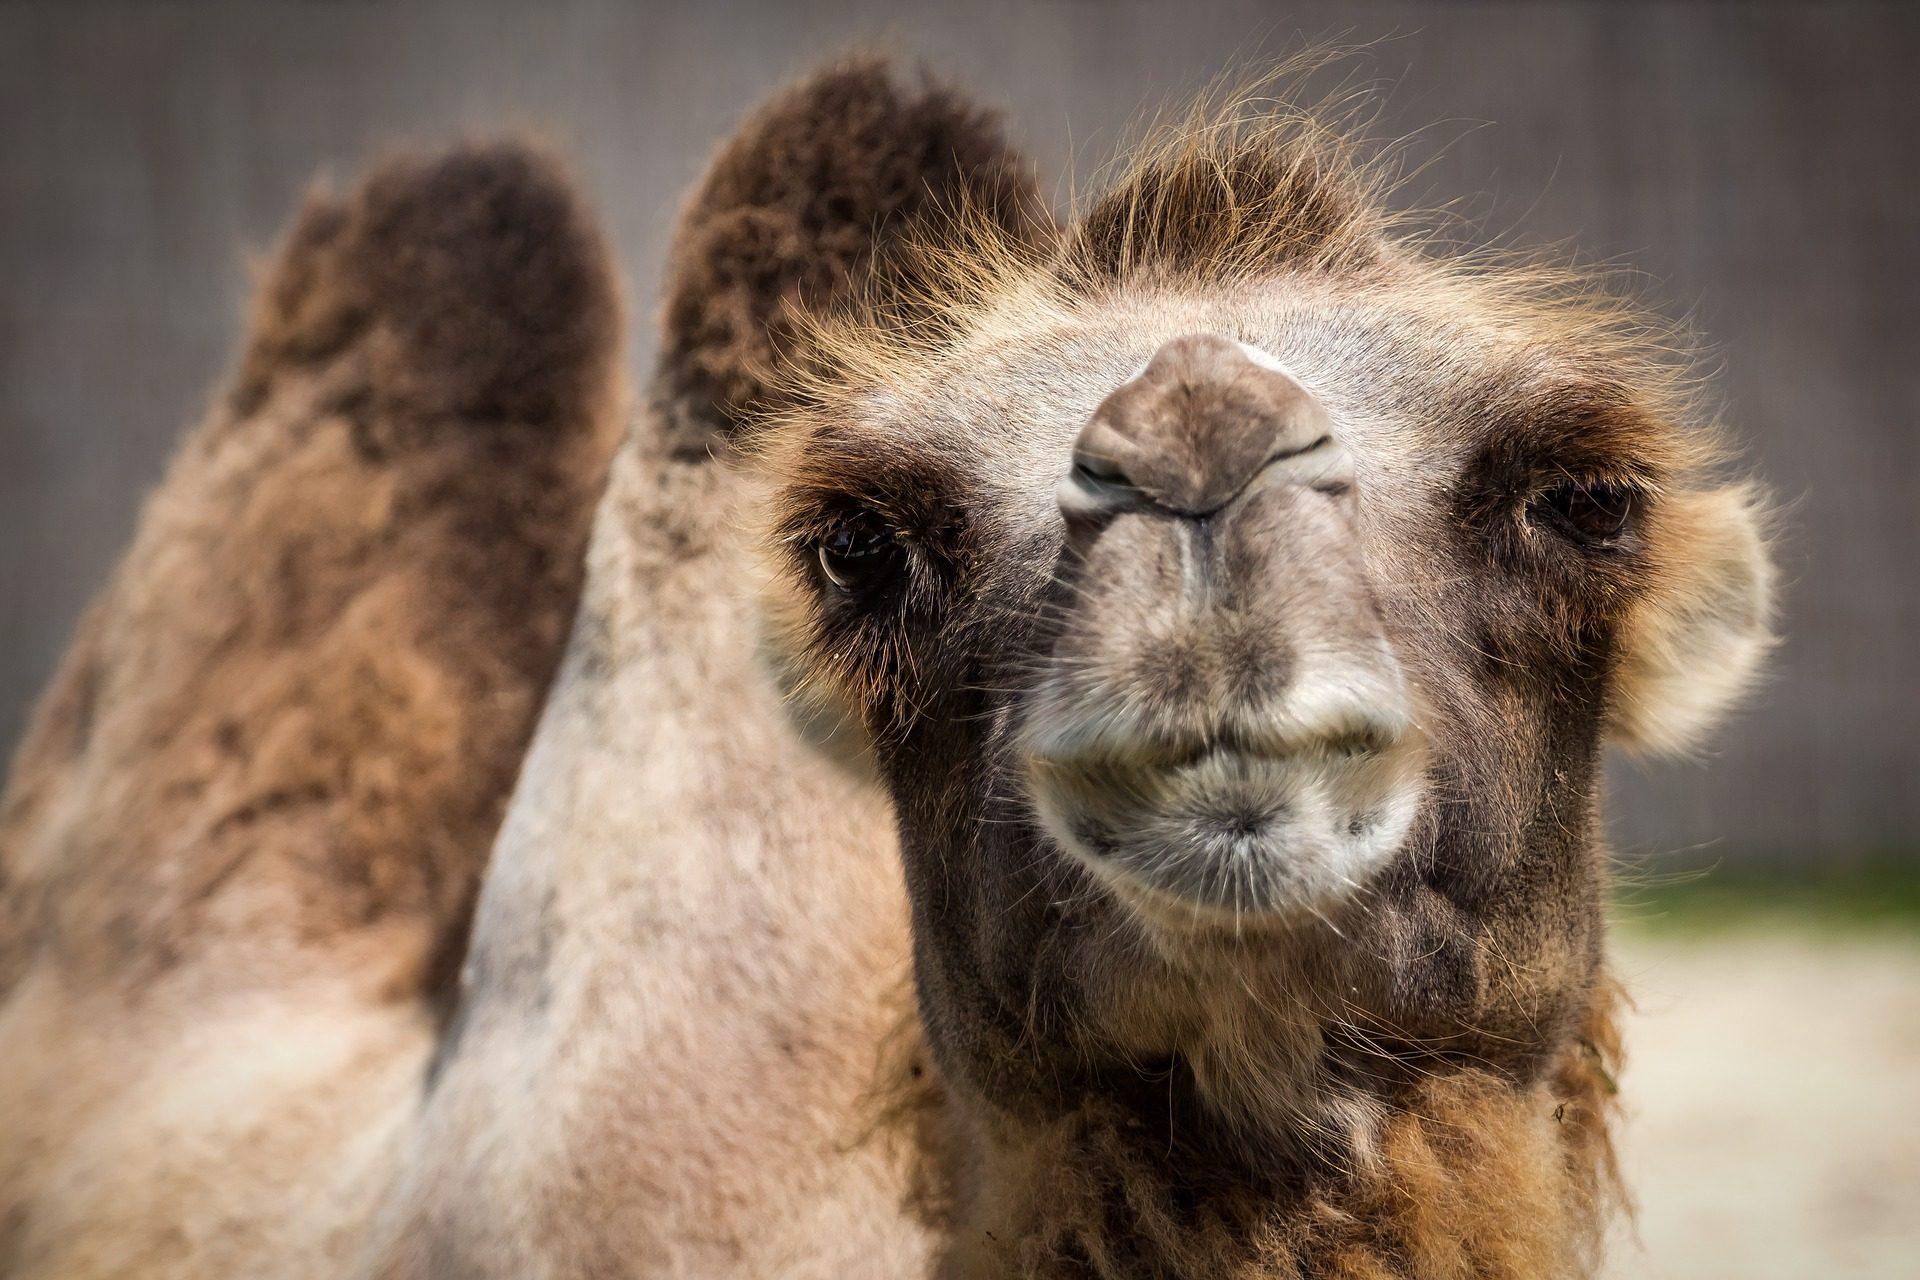 chameau, museau, poils, ralentisseurs, coup d'oeil - Fonds d'écran HD - Professor-falken.com